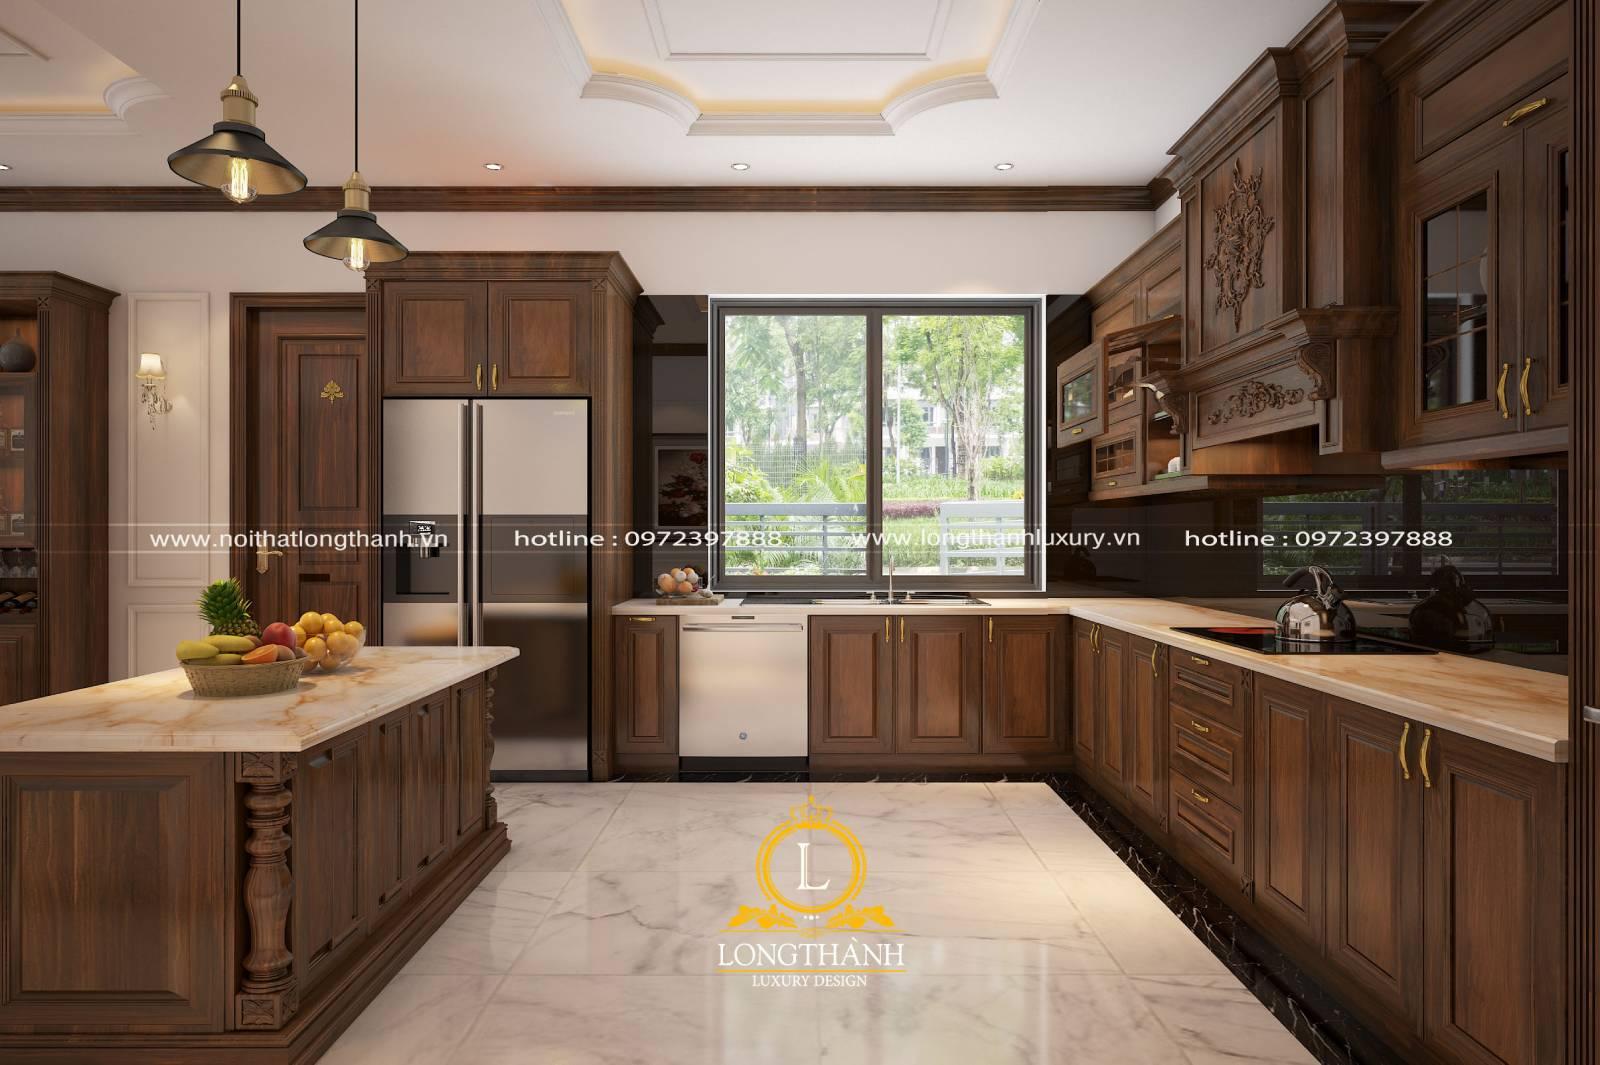 Thiết kế tủ bếp gỗ Gõ LT06 hiện đại kèm bàn đảo